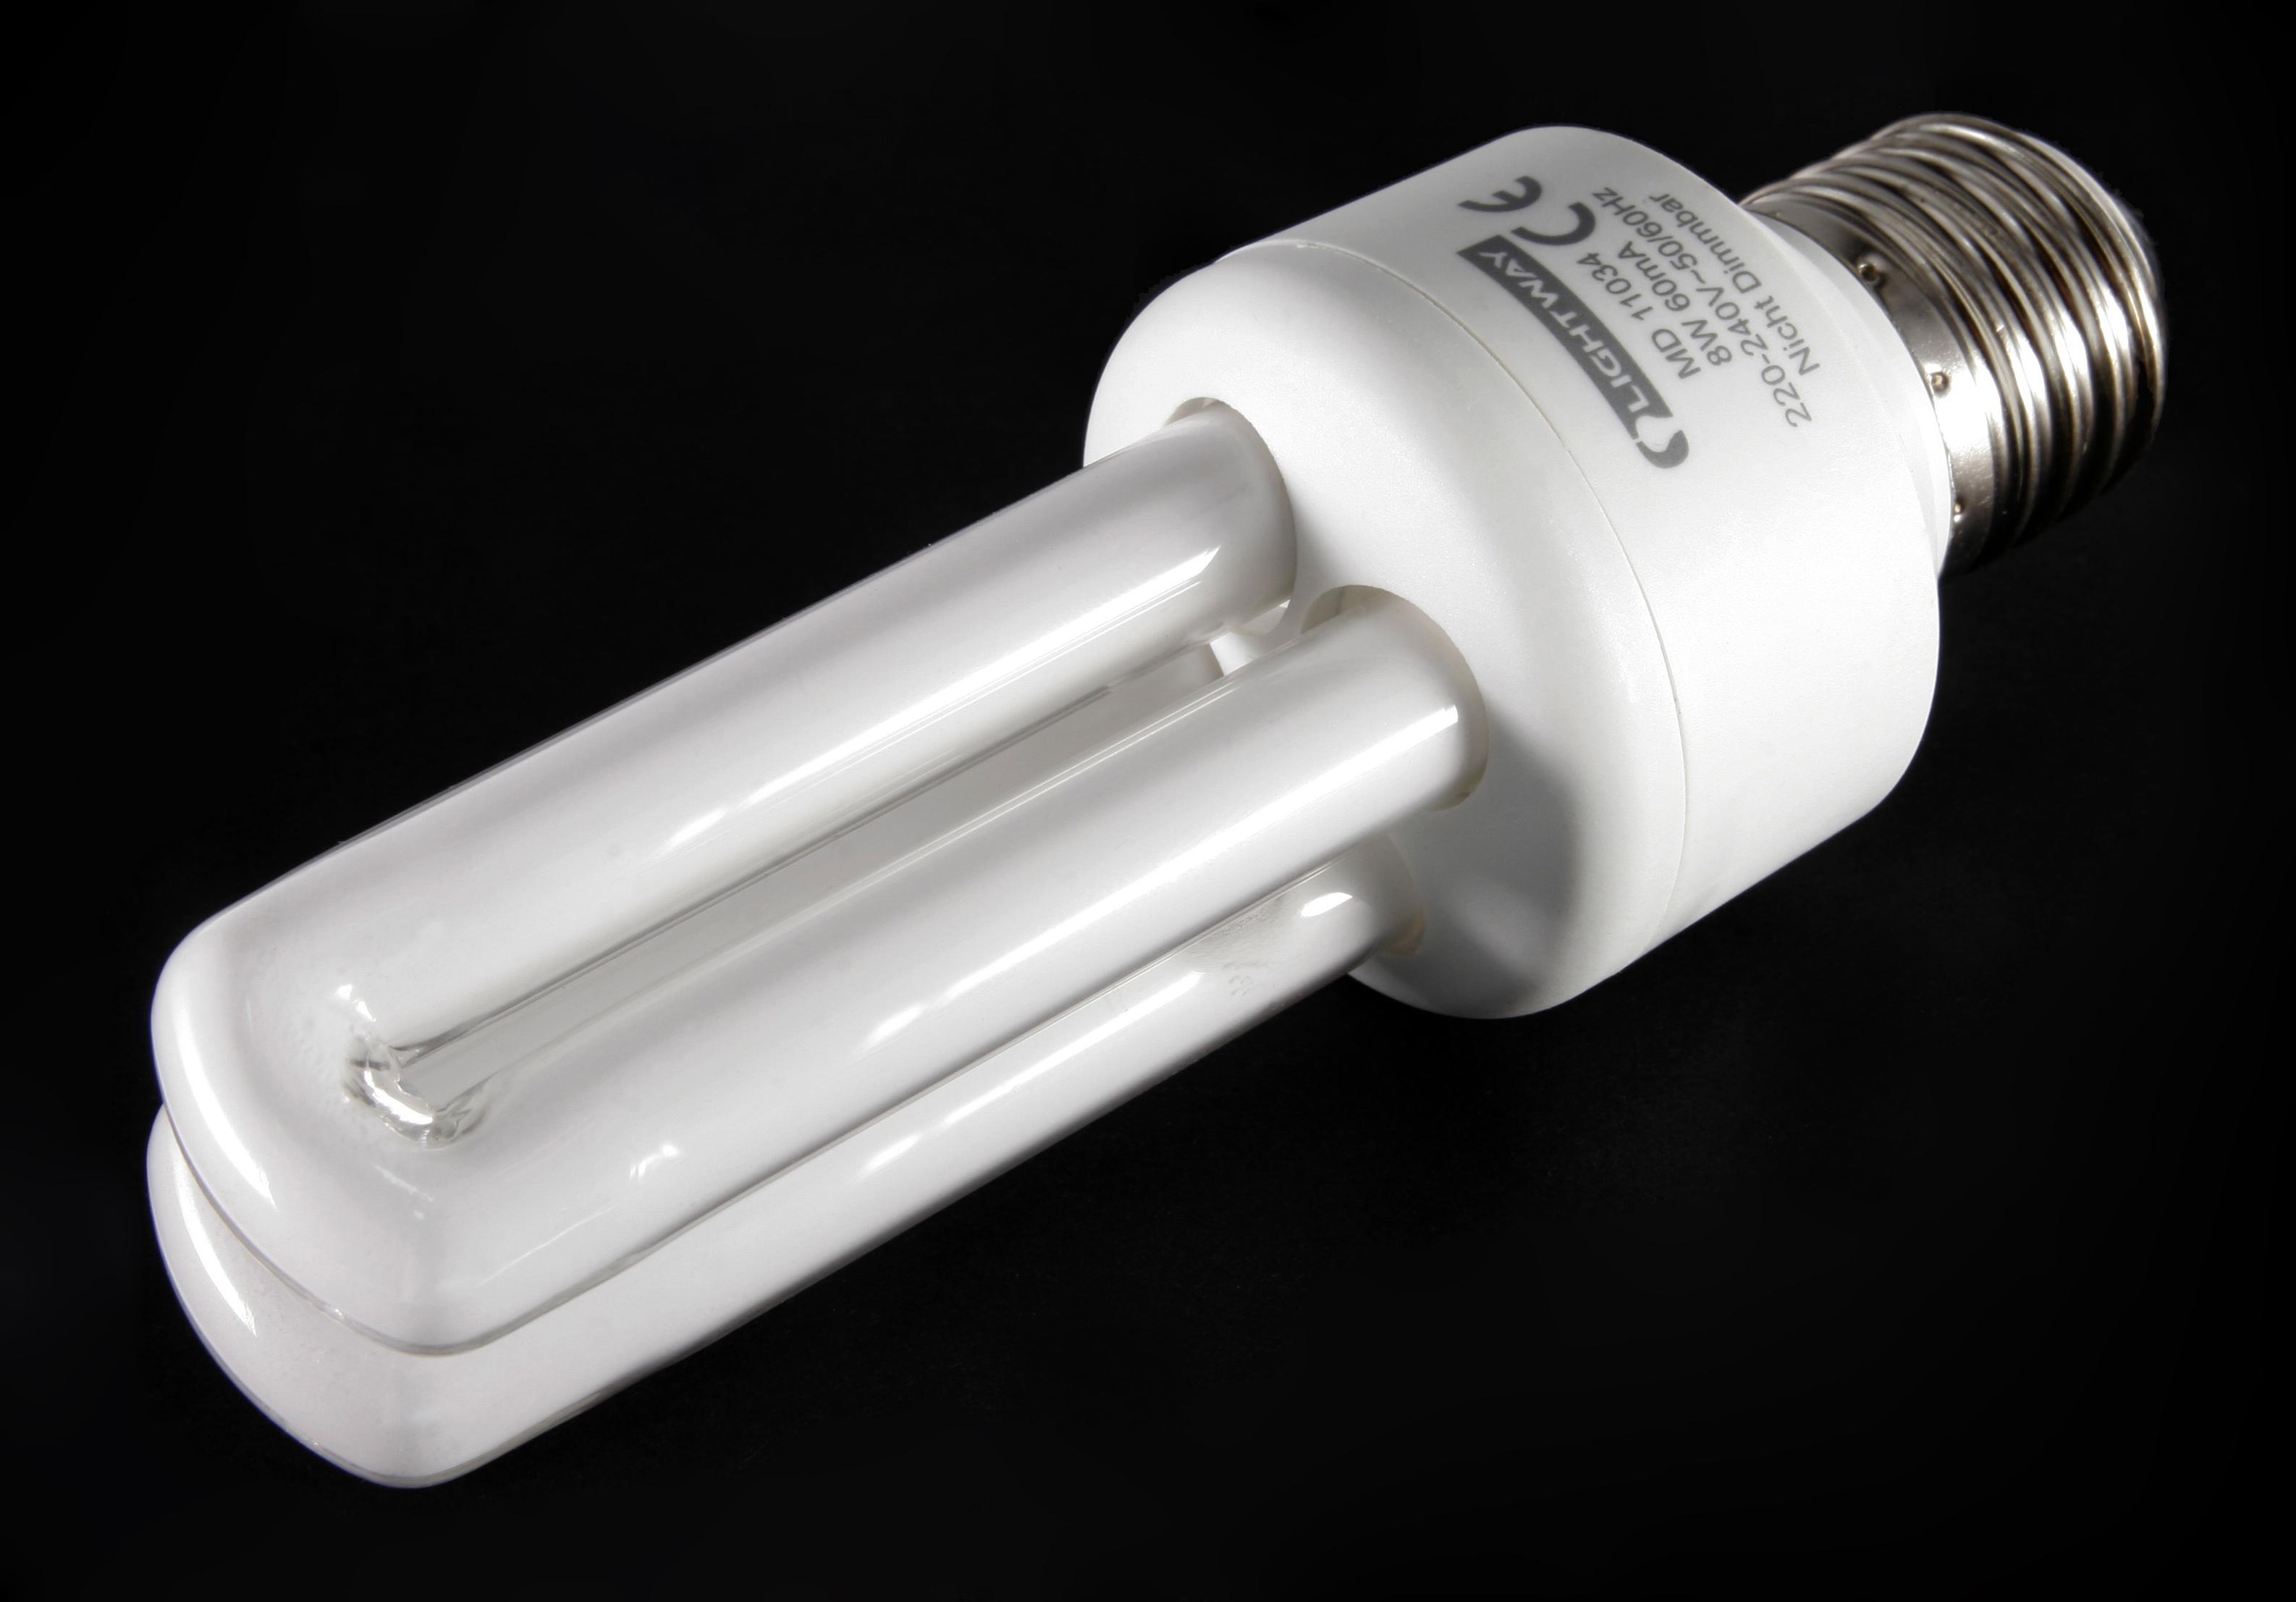 Утилизация люминесцентных ламп. Как заработать? - Netmus